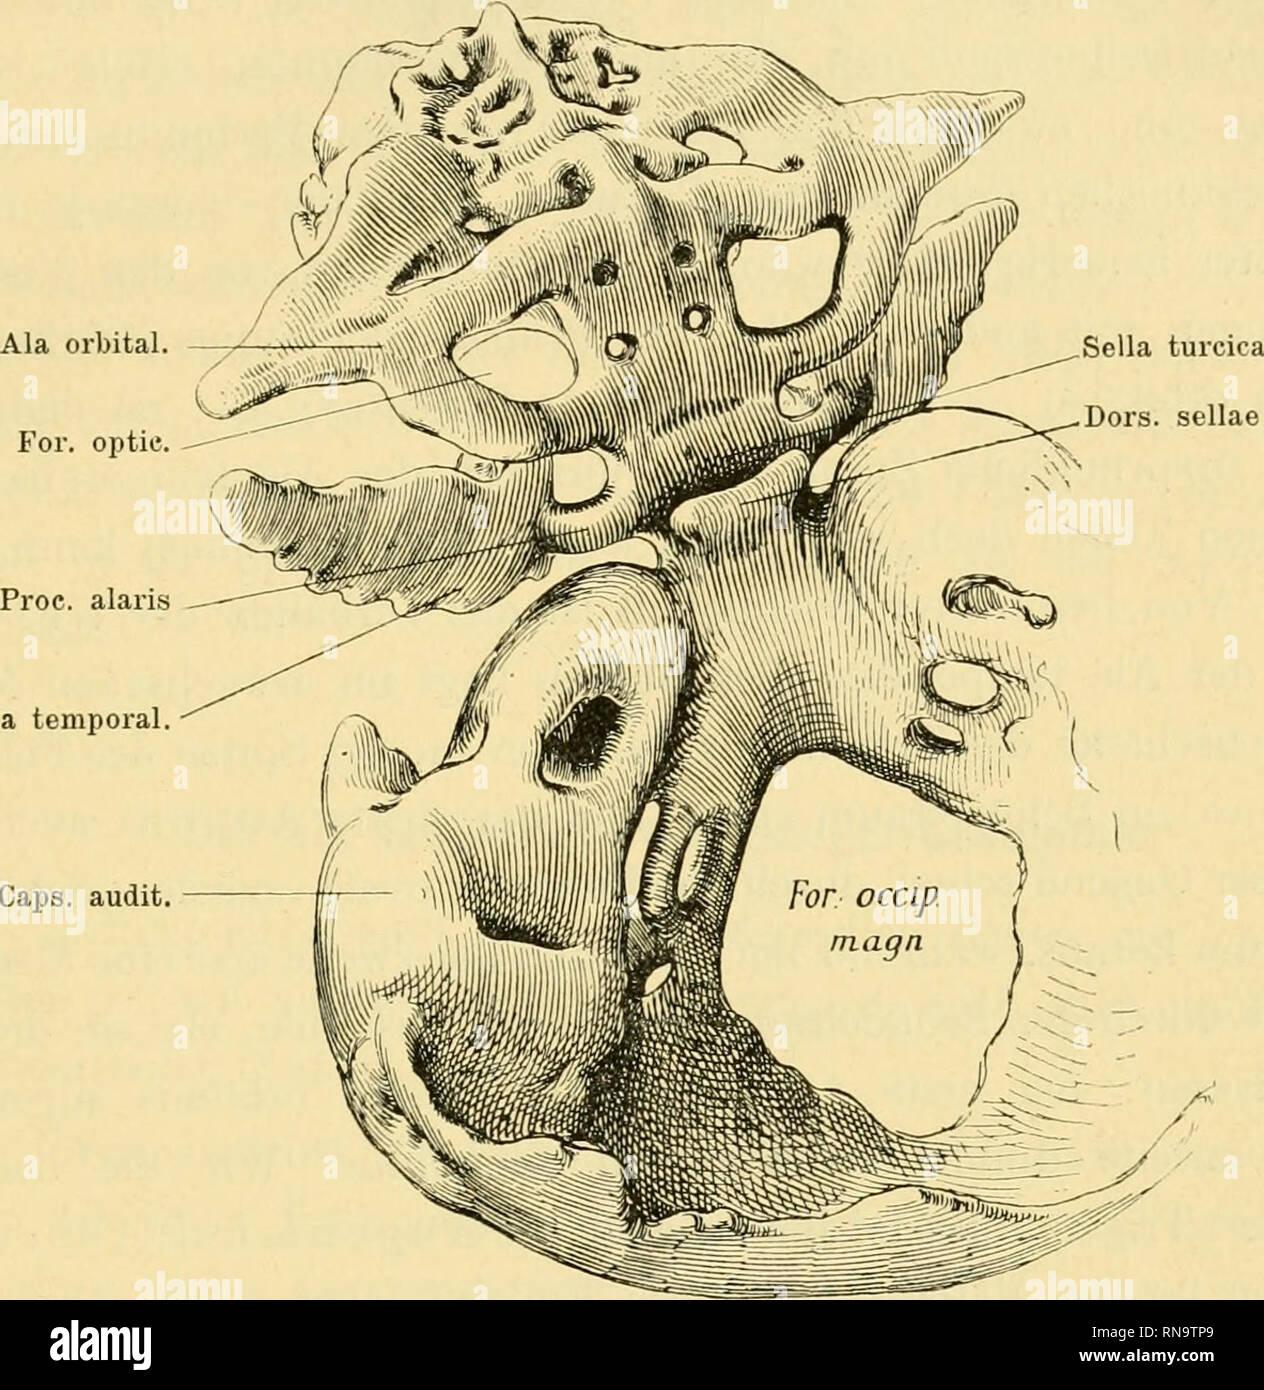 """. Anatomische Hefte. über die Ala temporalis des Säugeischädels etc. 161 stäudigen Knoclienkern, der aber sehr bald mit dem (paarig auf- tretenden) Kern des Körperabschnittes des Sphenoidale ver- schmilzt. Dagegen bleibt das """"Alisphenoid"""" länger getrennt, selbständig (vgl. Sutton, 1885 und Graf Spee, 1896). Der. Ala temporal Caps, audit Fig. 1. Modell des Primordialcraniums eines menschlichen Embryo von 8 cm Steiss-Scheitel- länge. (Nach der Zieglerschen Kopie des im Hertwigschen Institute ange- fertigten Original-Modelles.) Die knöchernen Territorien sind in der Abbildung nicht eingetrag Stock Photo"""